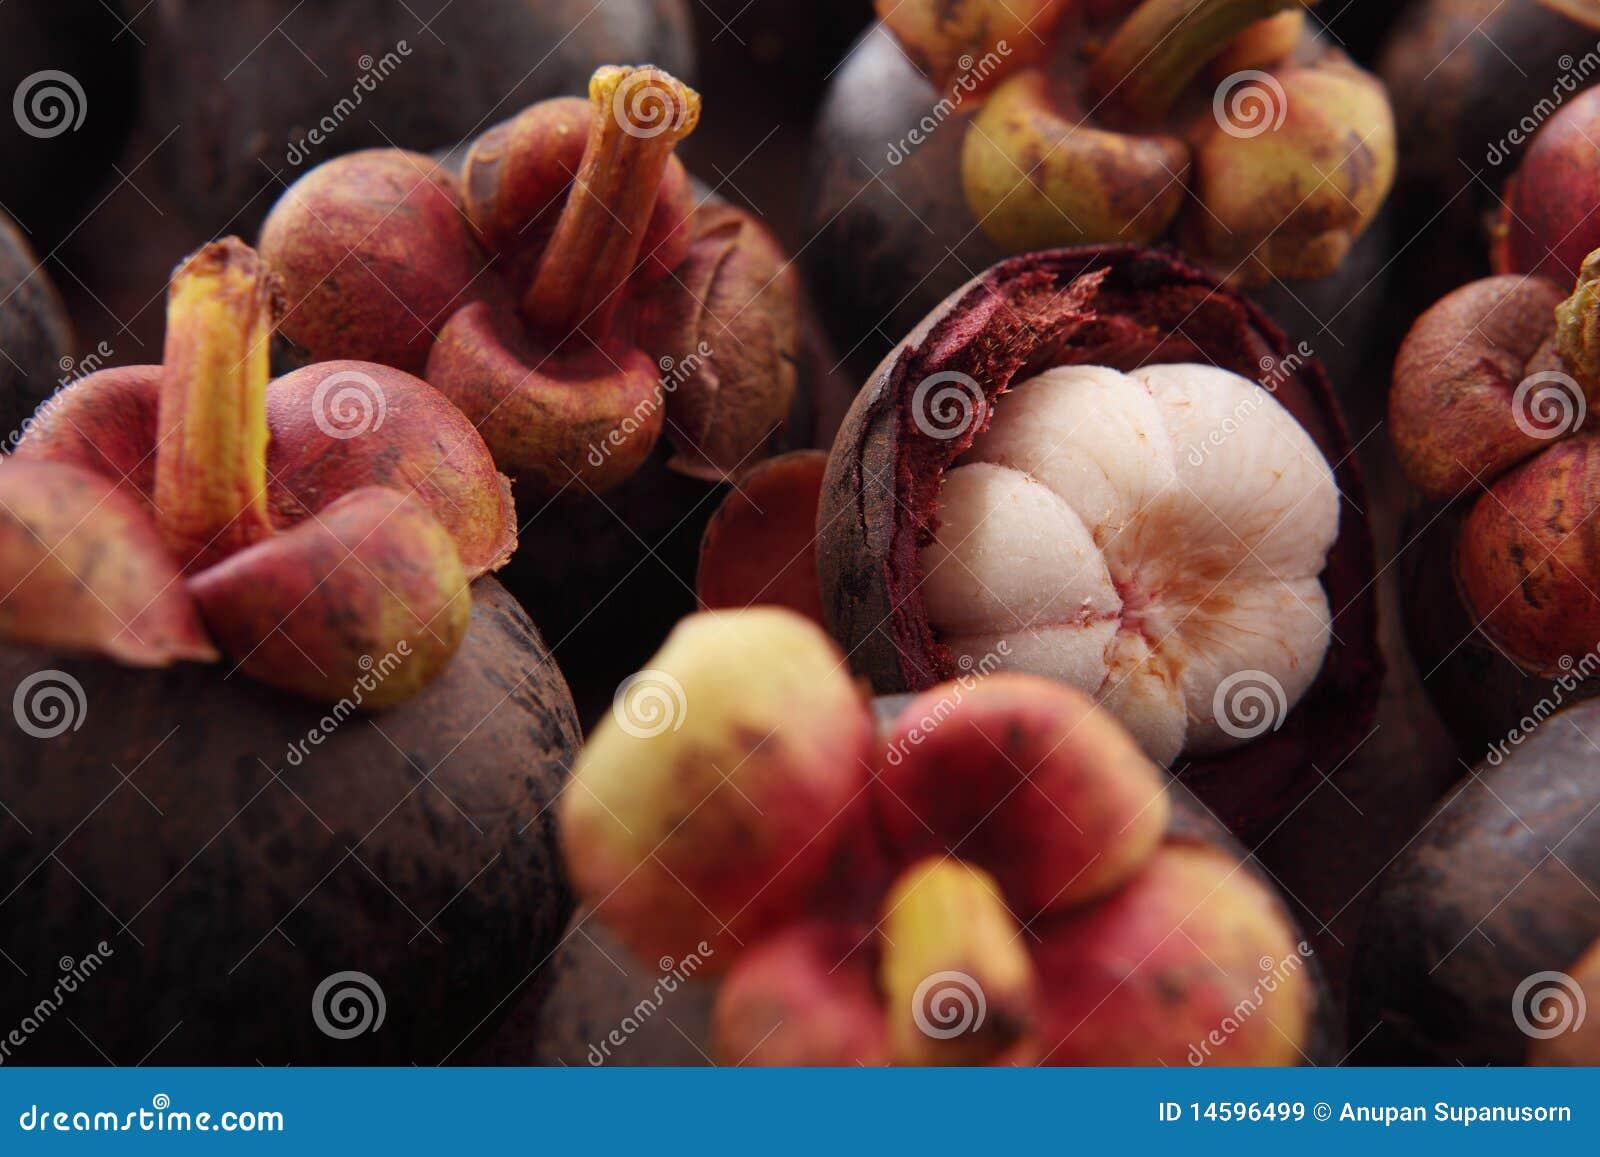 De pulp van de mangostan